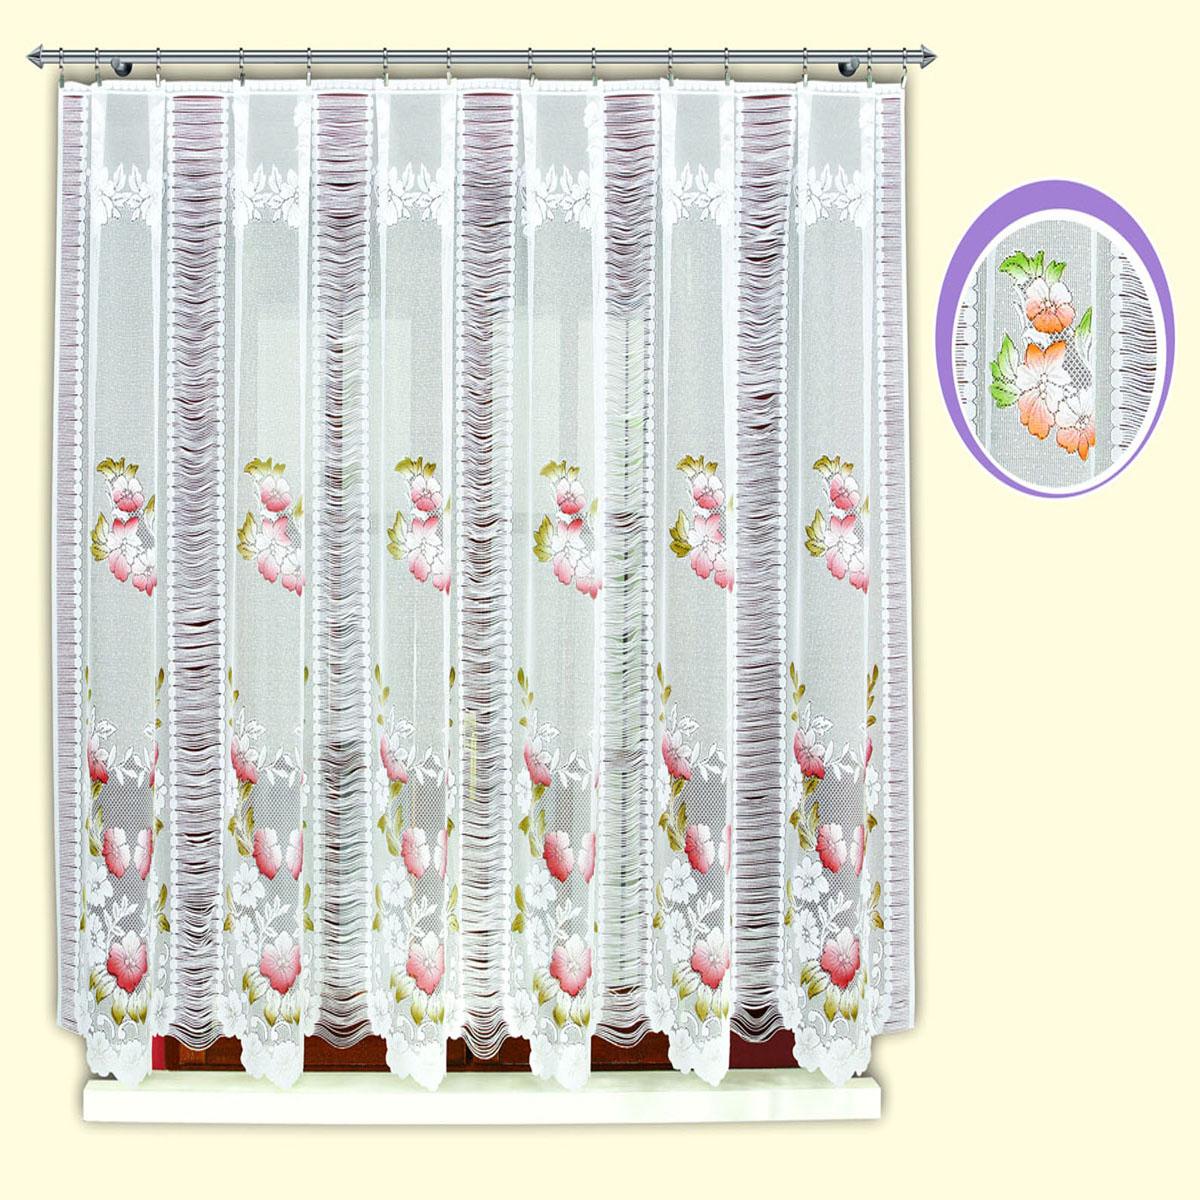 Гардина Haft, цвет: бордо, ширина 300 см, высота 150 см. 42120/150532АЖаккардовая гардина в кухню белого цвета с цветным рисунком бордовых цветов и нитяным чередующимся компонентомРазмеры: высота 150см*ширина 300см